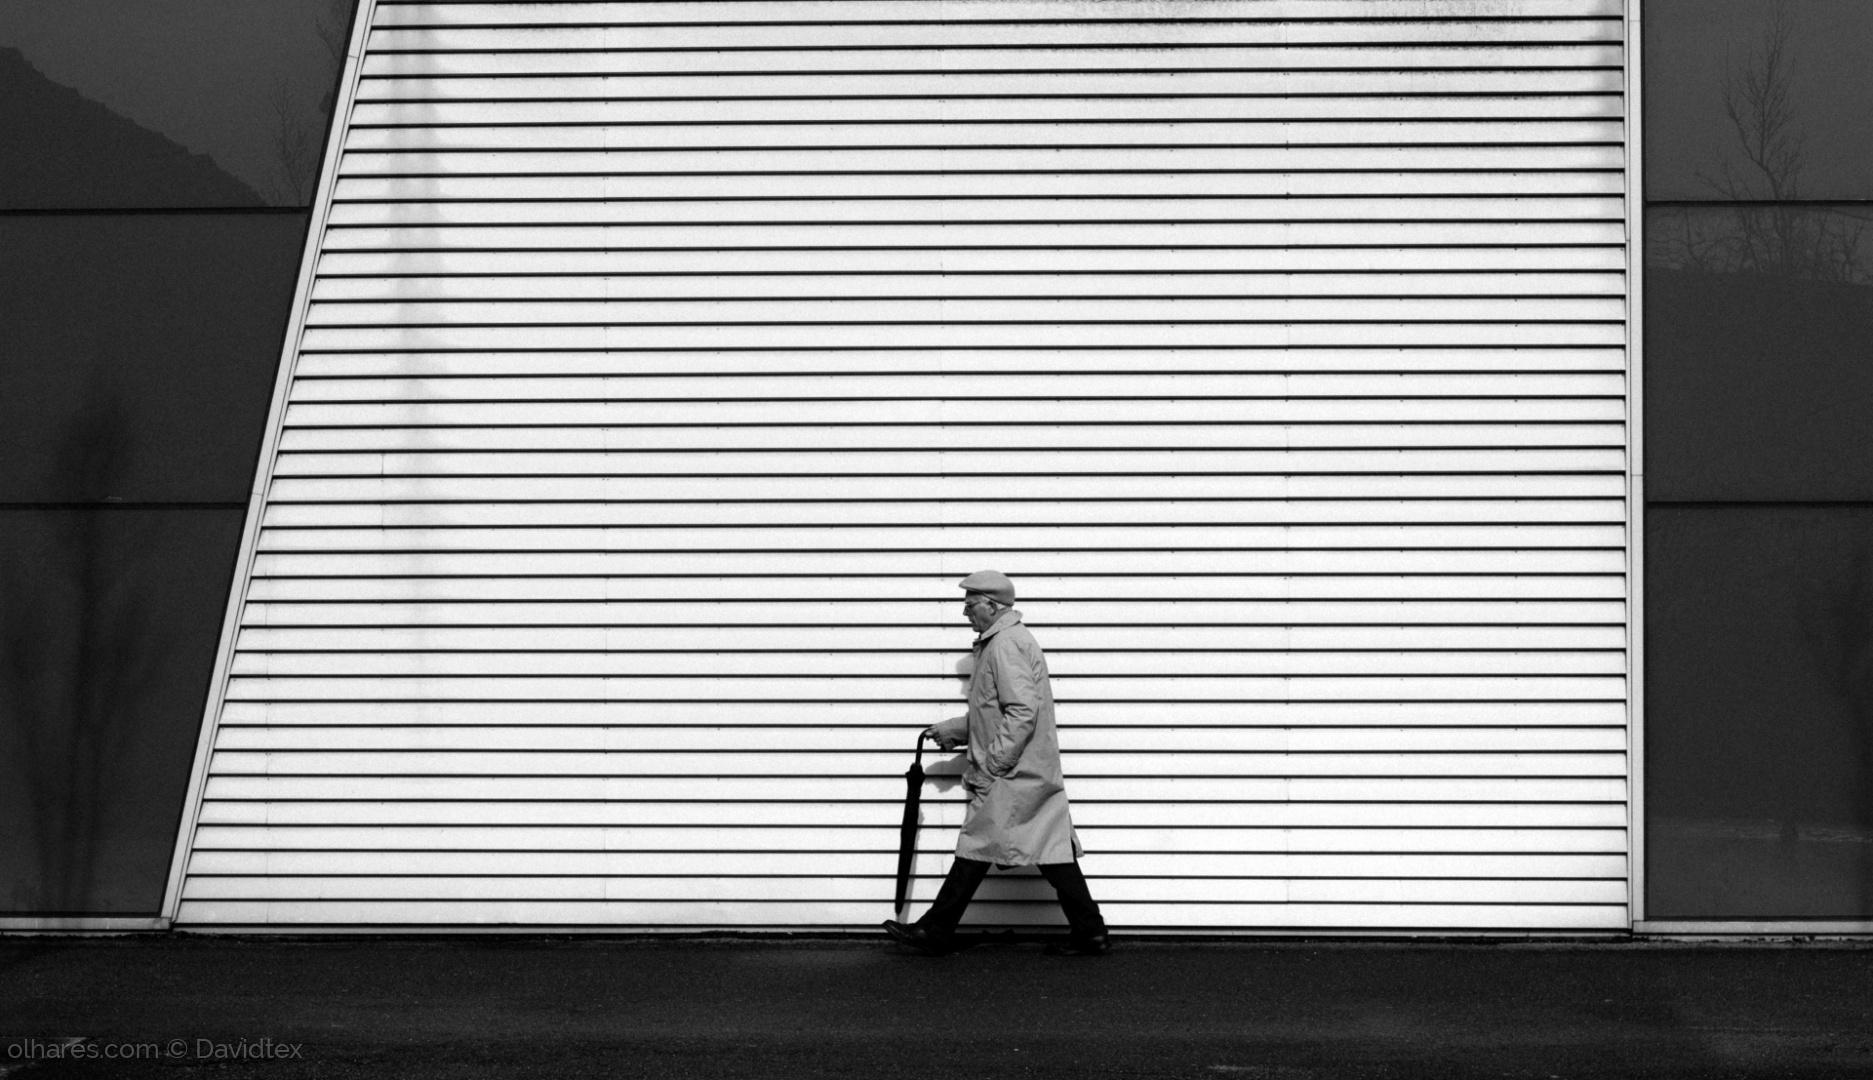 Gentes e Locais/AGE LINES ON STREET HAVEM